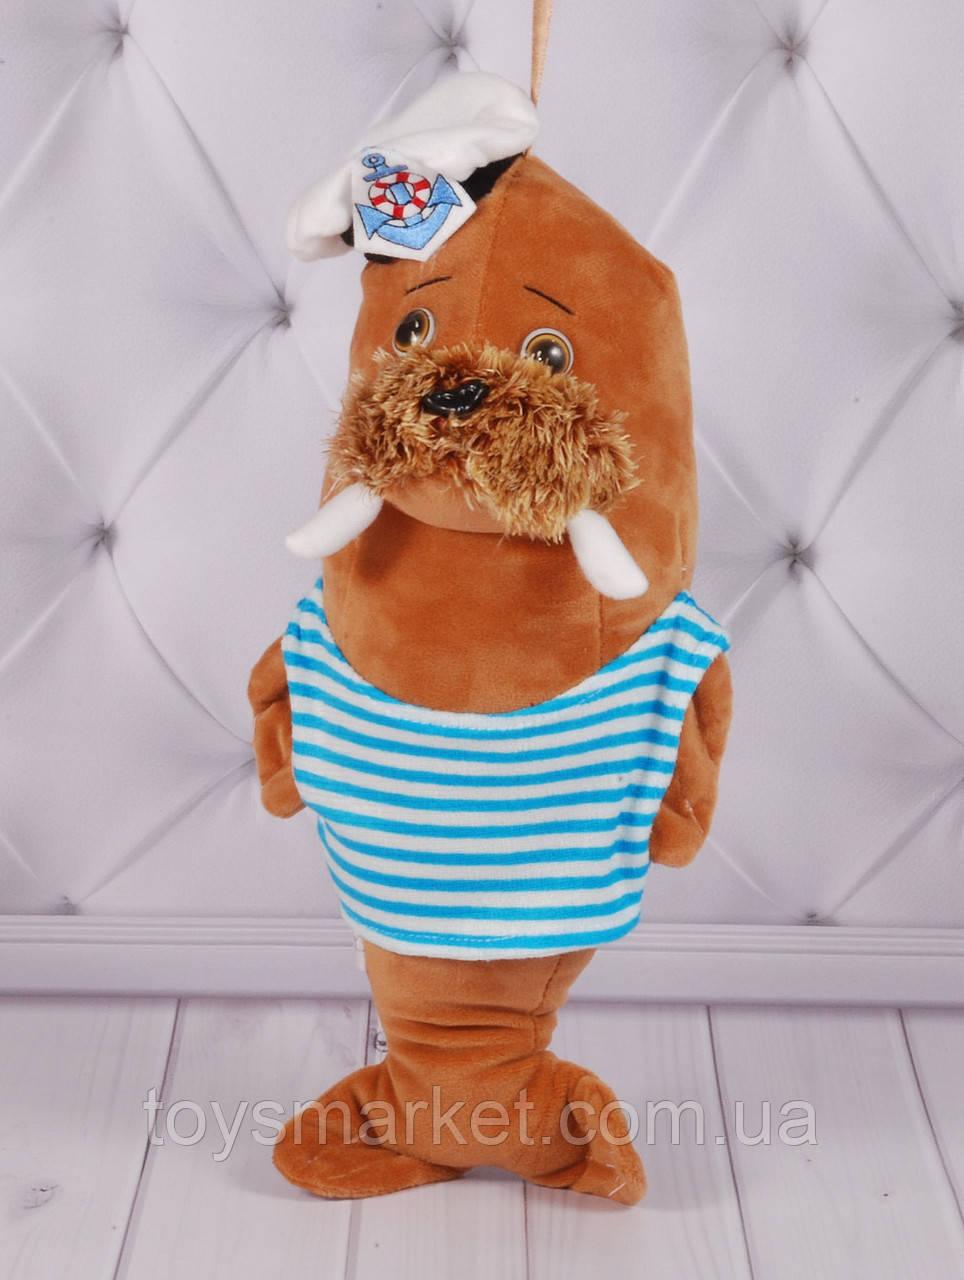 Мягкая игрушка морж Моряк, 30 см.